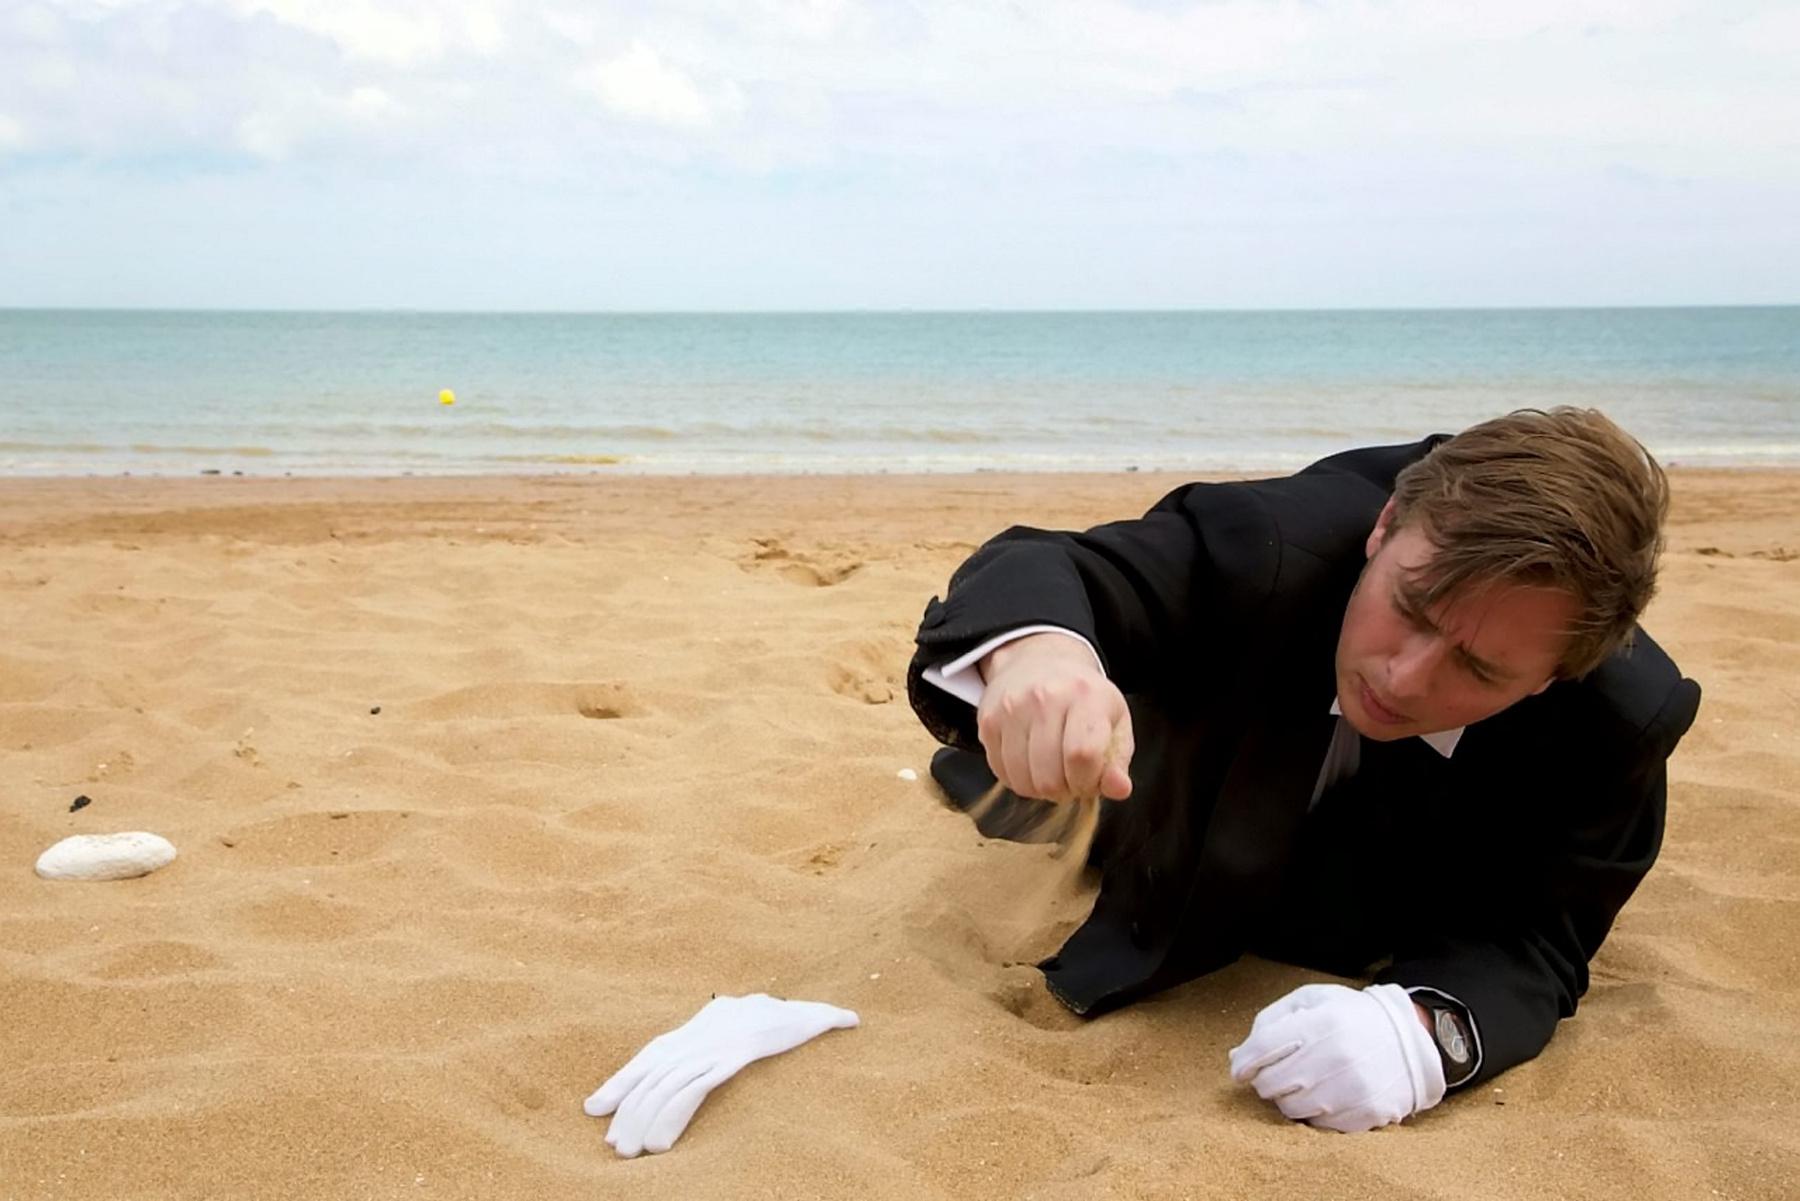 A homokozó inast jelenleg csak az Ibiza szigetén nyaraló szülők vehetik igénybe, de az utazási iroda tervei szerint az Egyesült Királyság, Spanyolország, Franciaország, Olaszország és Görögország partjaira is kiterjesztik majd a költséges VIP szolgáltatásukat.